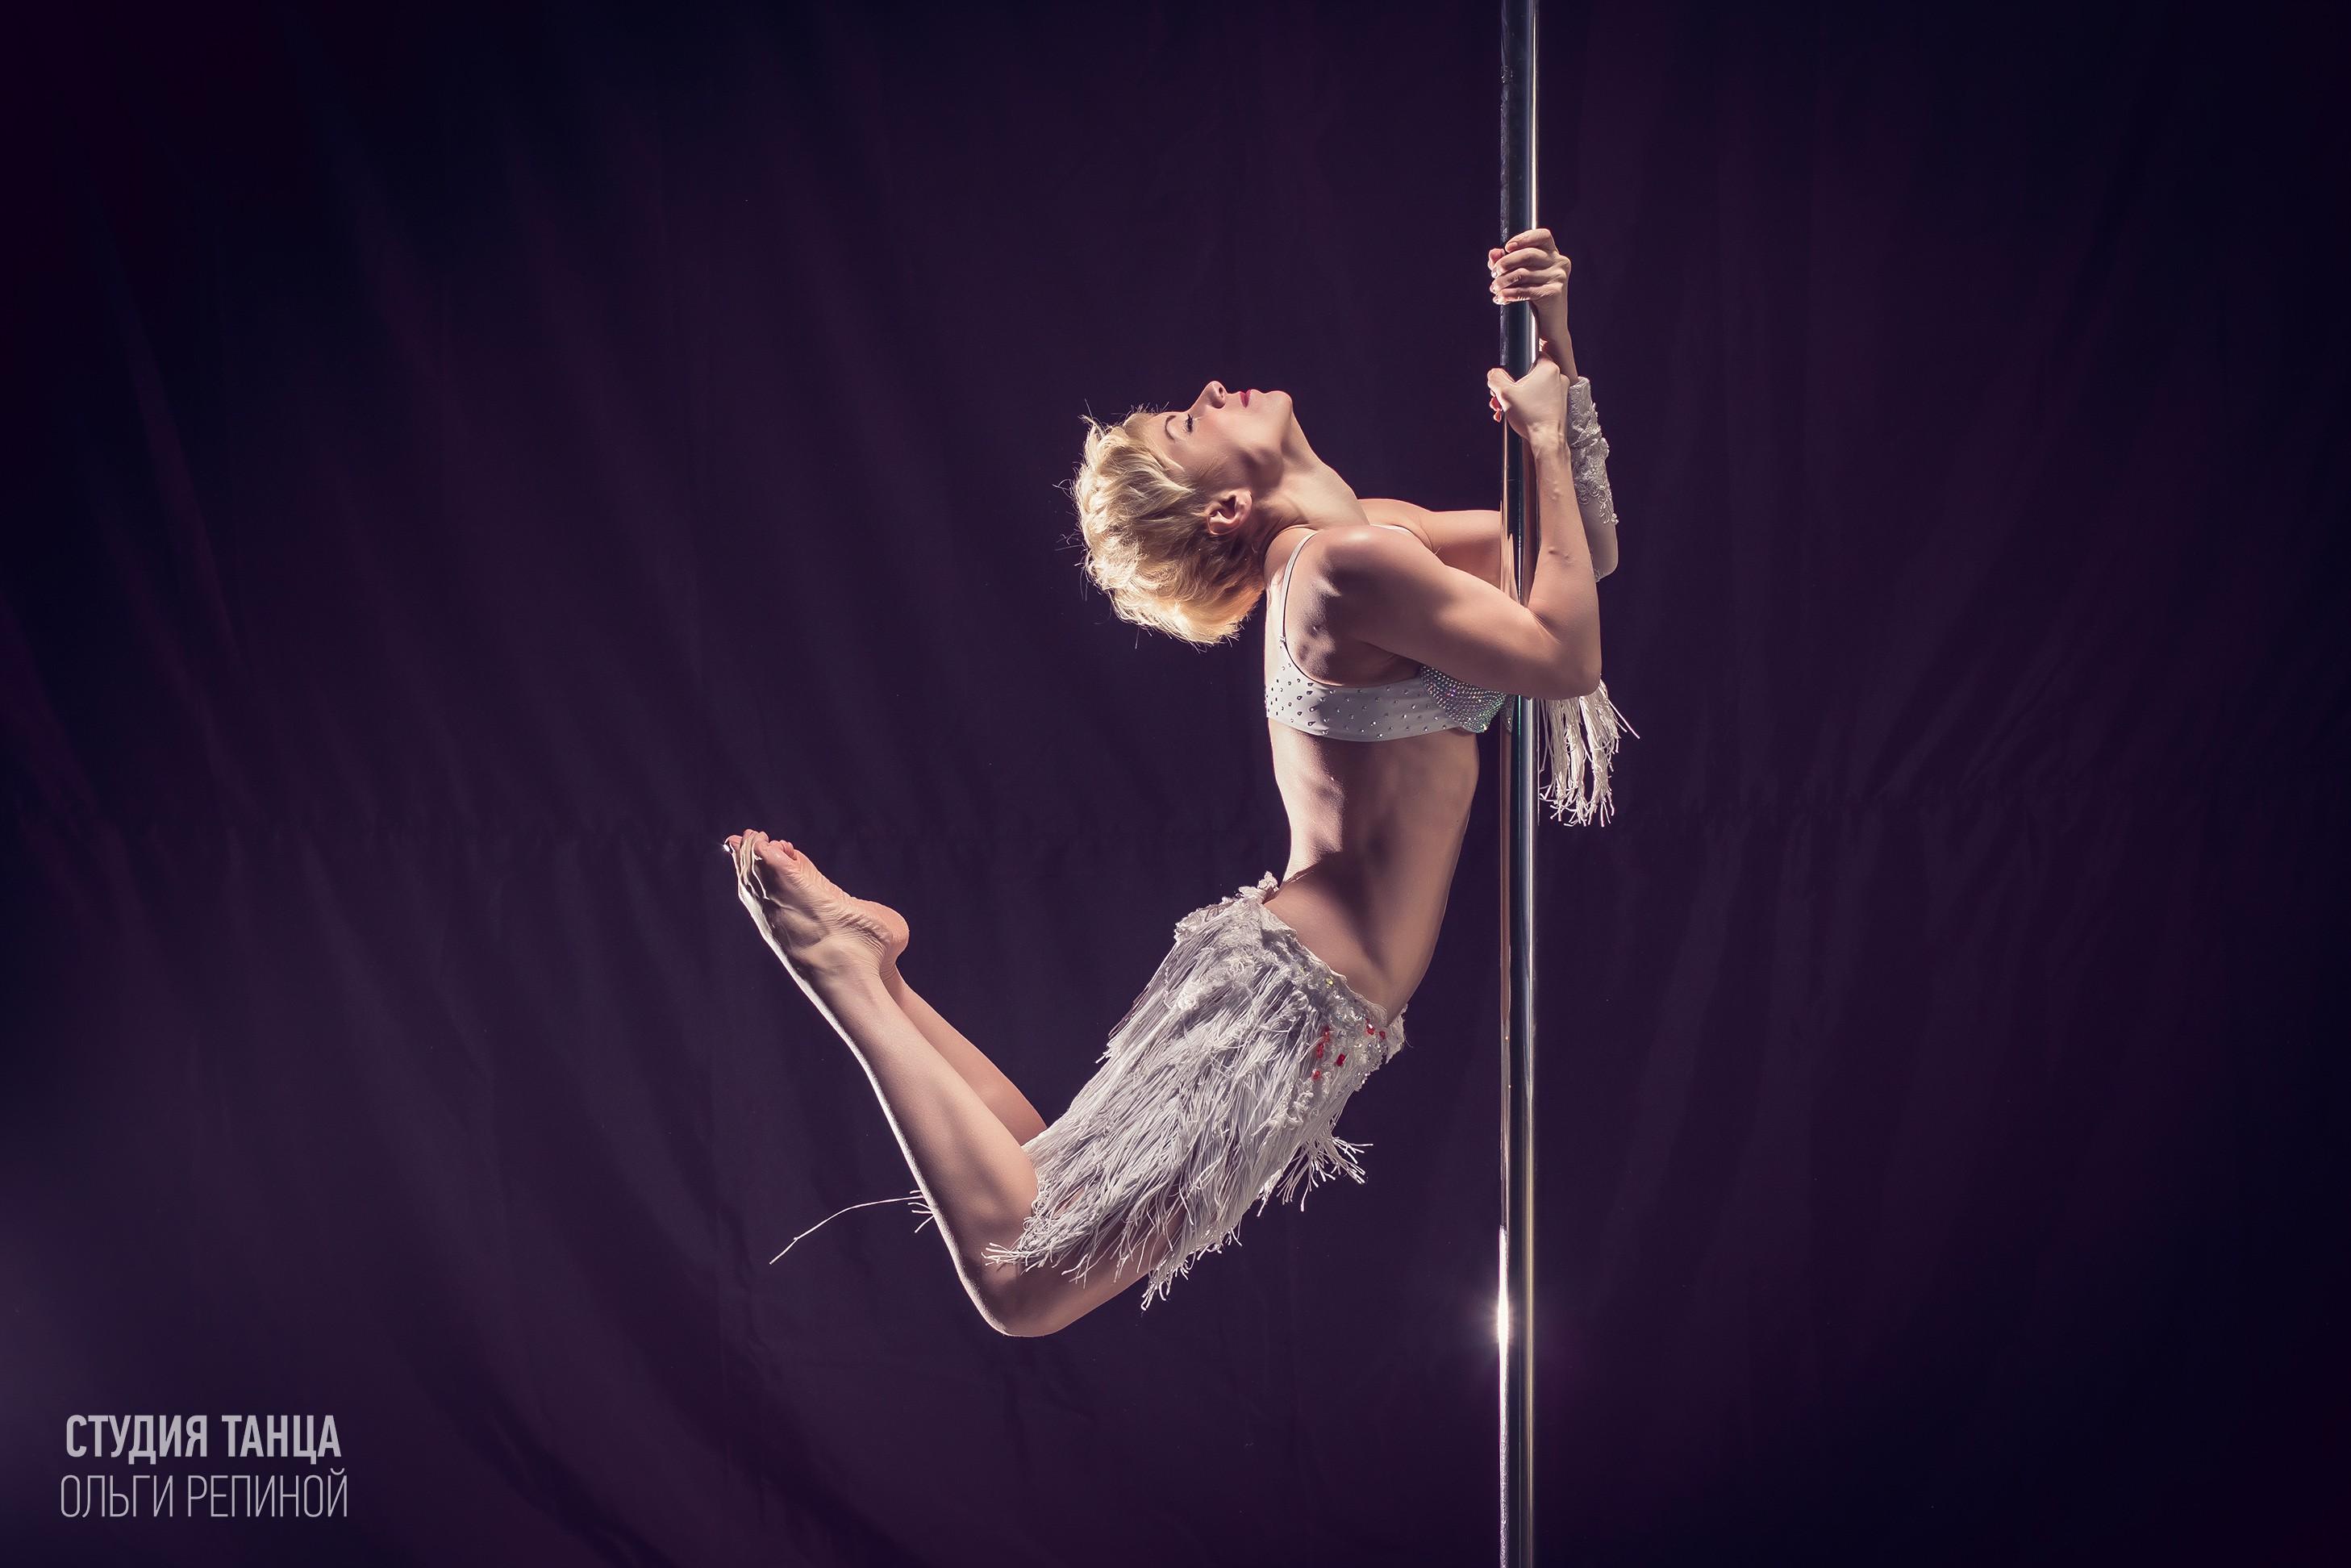 2 бесплатных занятия (0 руб) + абонемент на Pole Dance, хореографию, растяжку за 2,50 руб/занятие